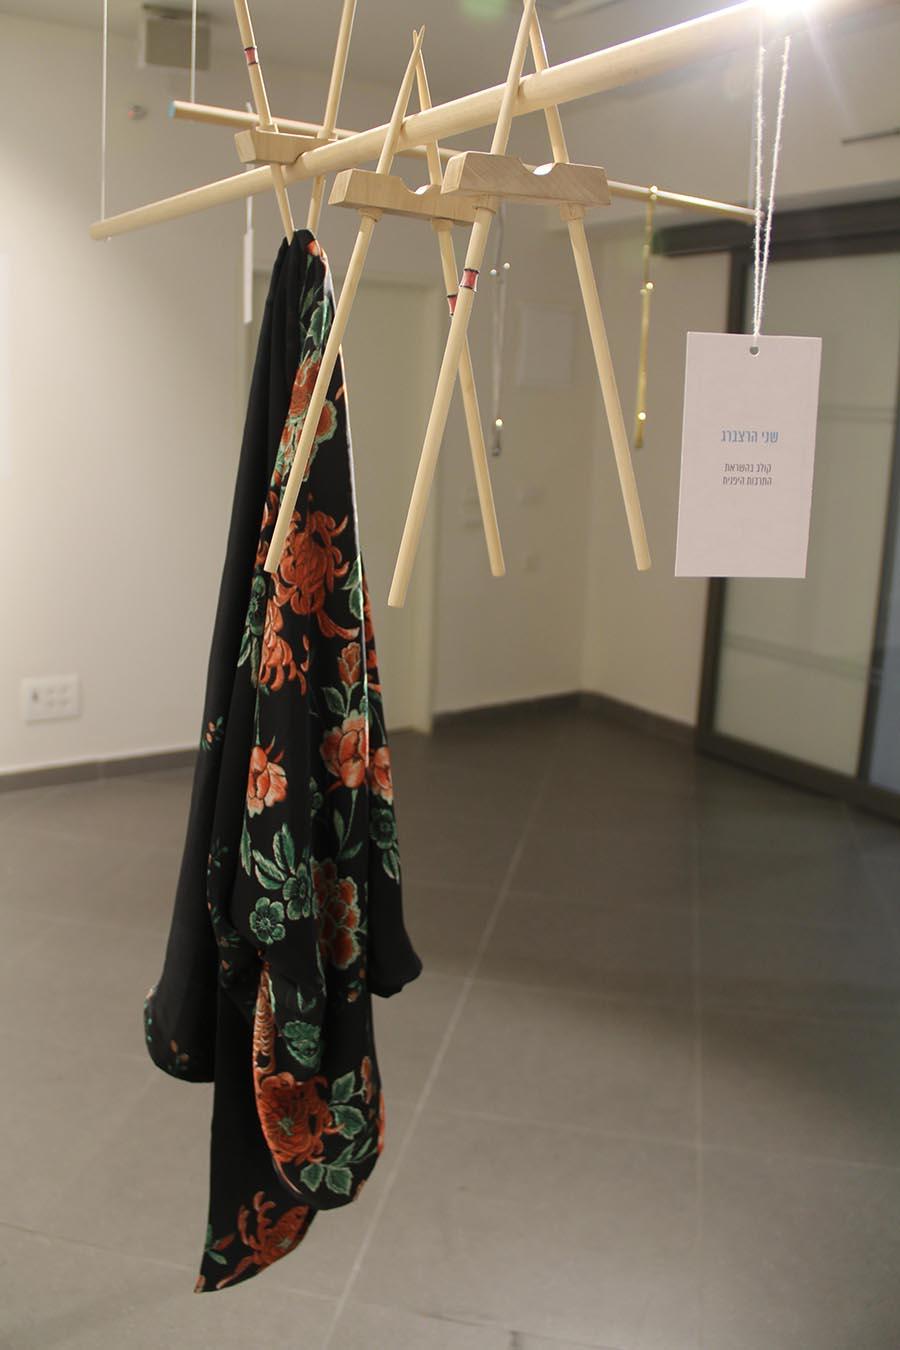 שני הרצברג - קולב בהשראת התרבות היפנית